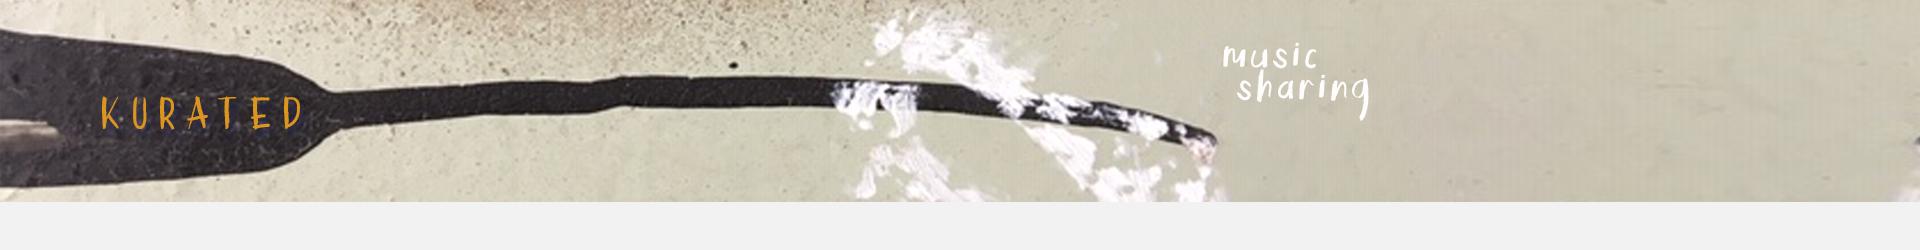 1920x250 Kurated Banner Spraypaint Kris V4